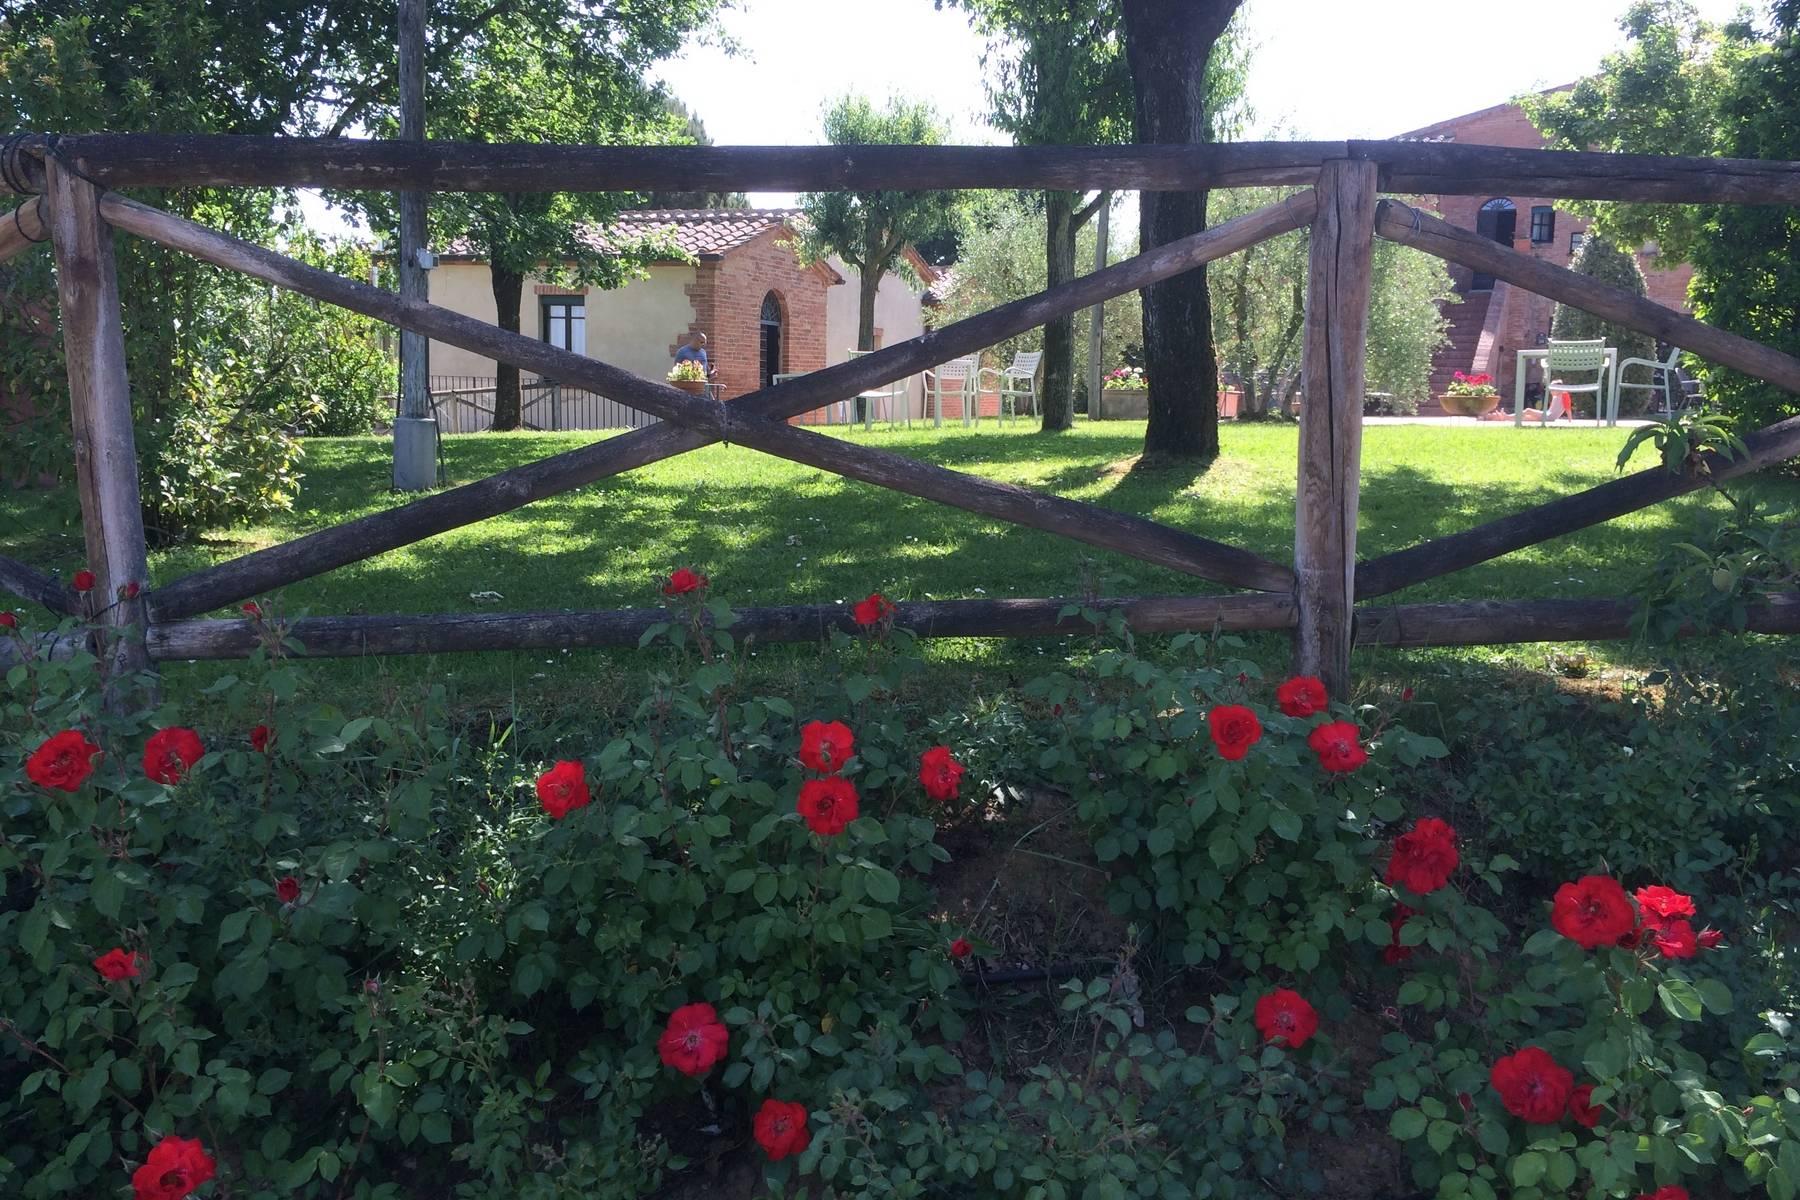 Rustico in Vendita a Montepulciano: 5 locali, 1890 mq - Foto 10